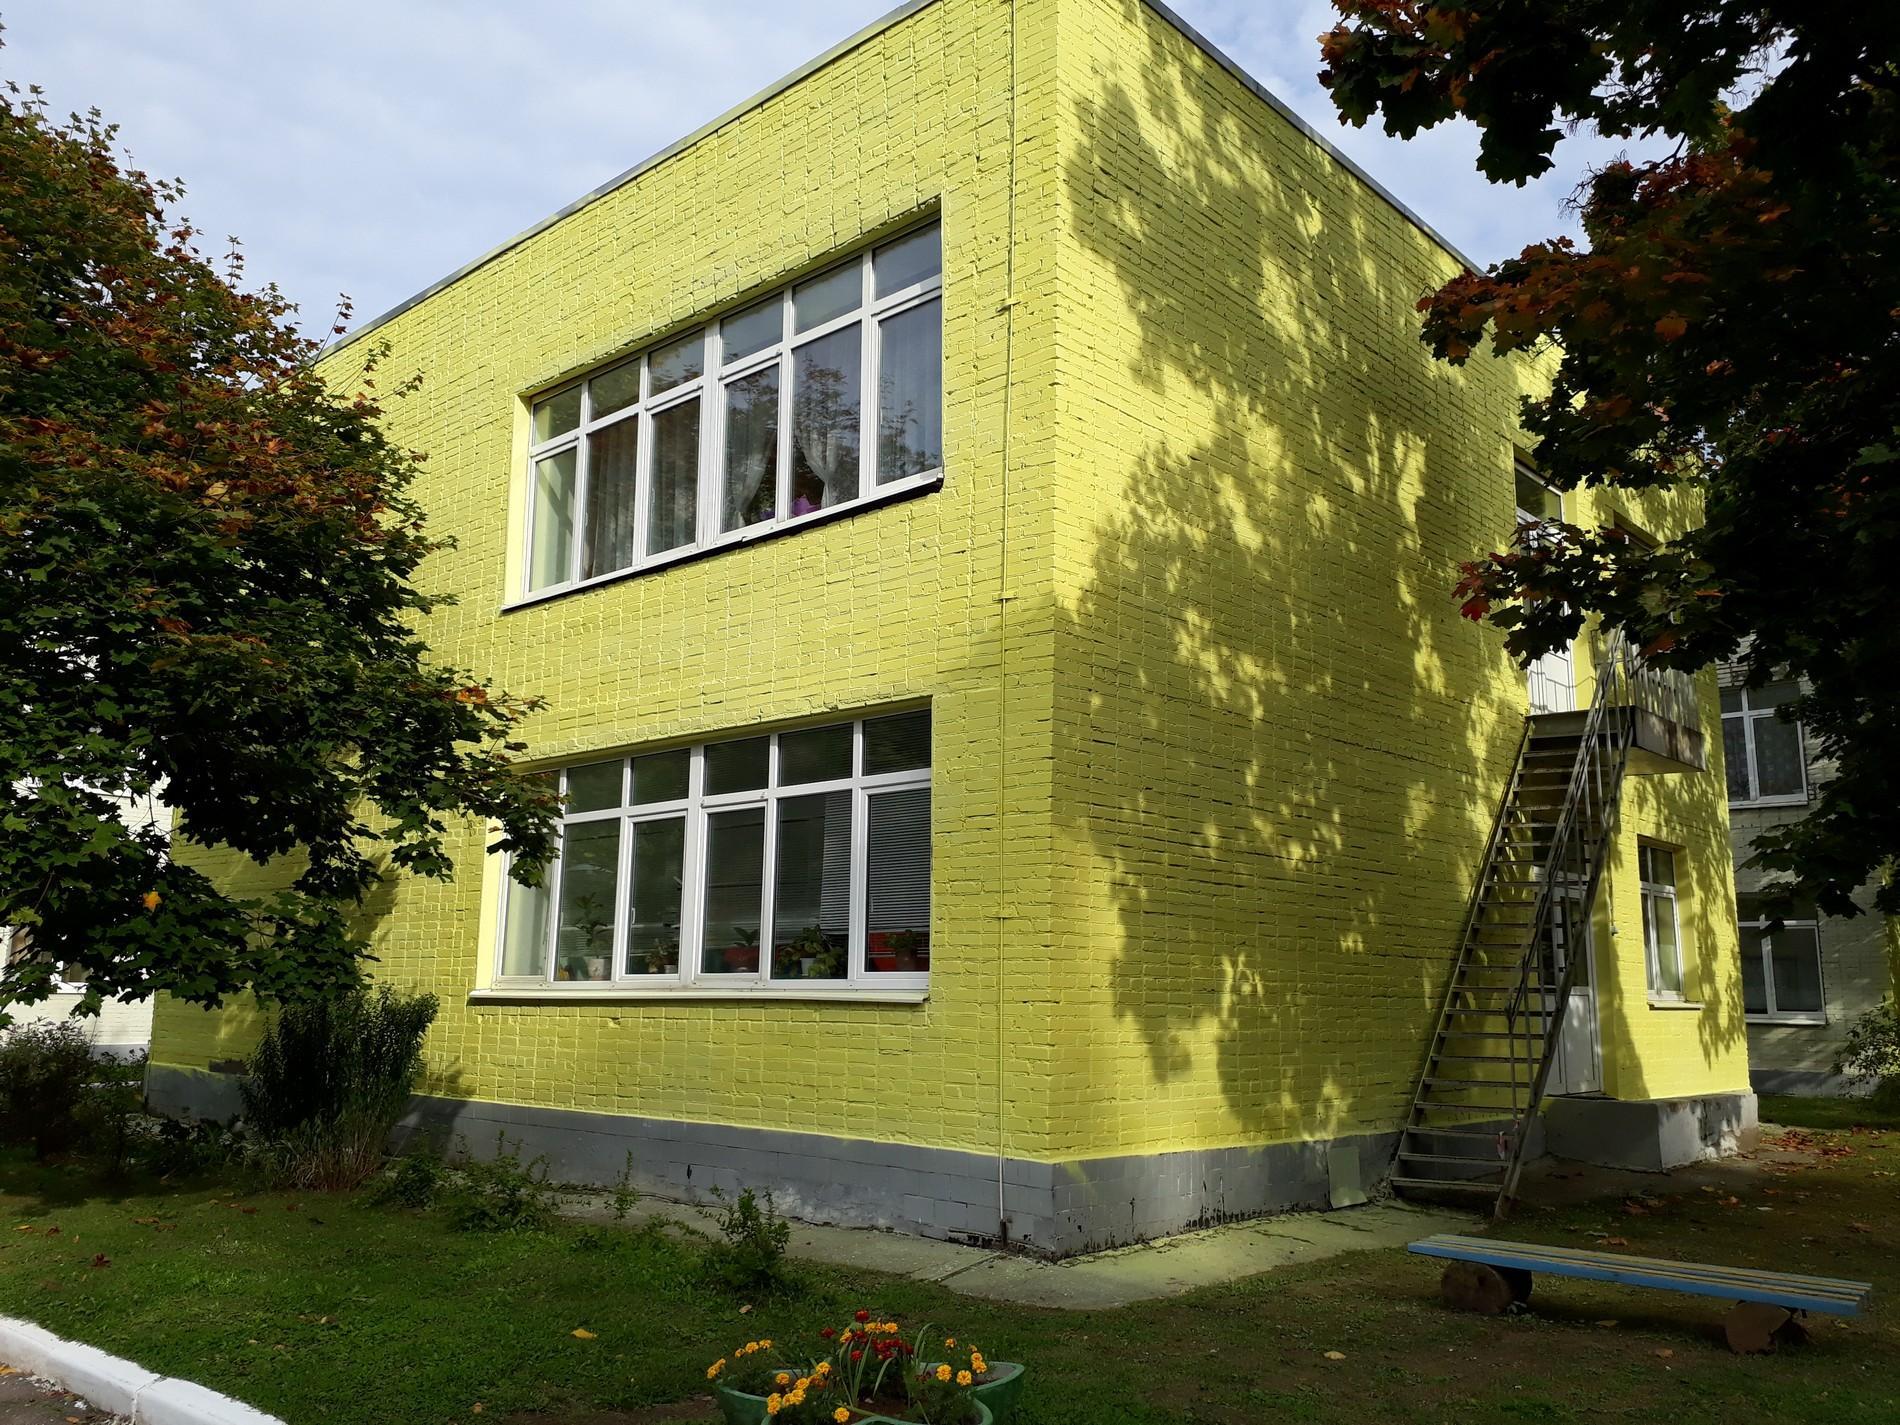 Утепление фасада капитальный ремонт или реконструкция